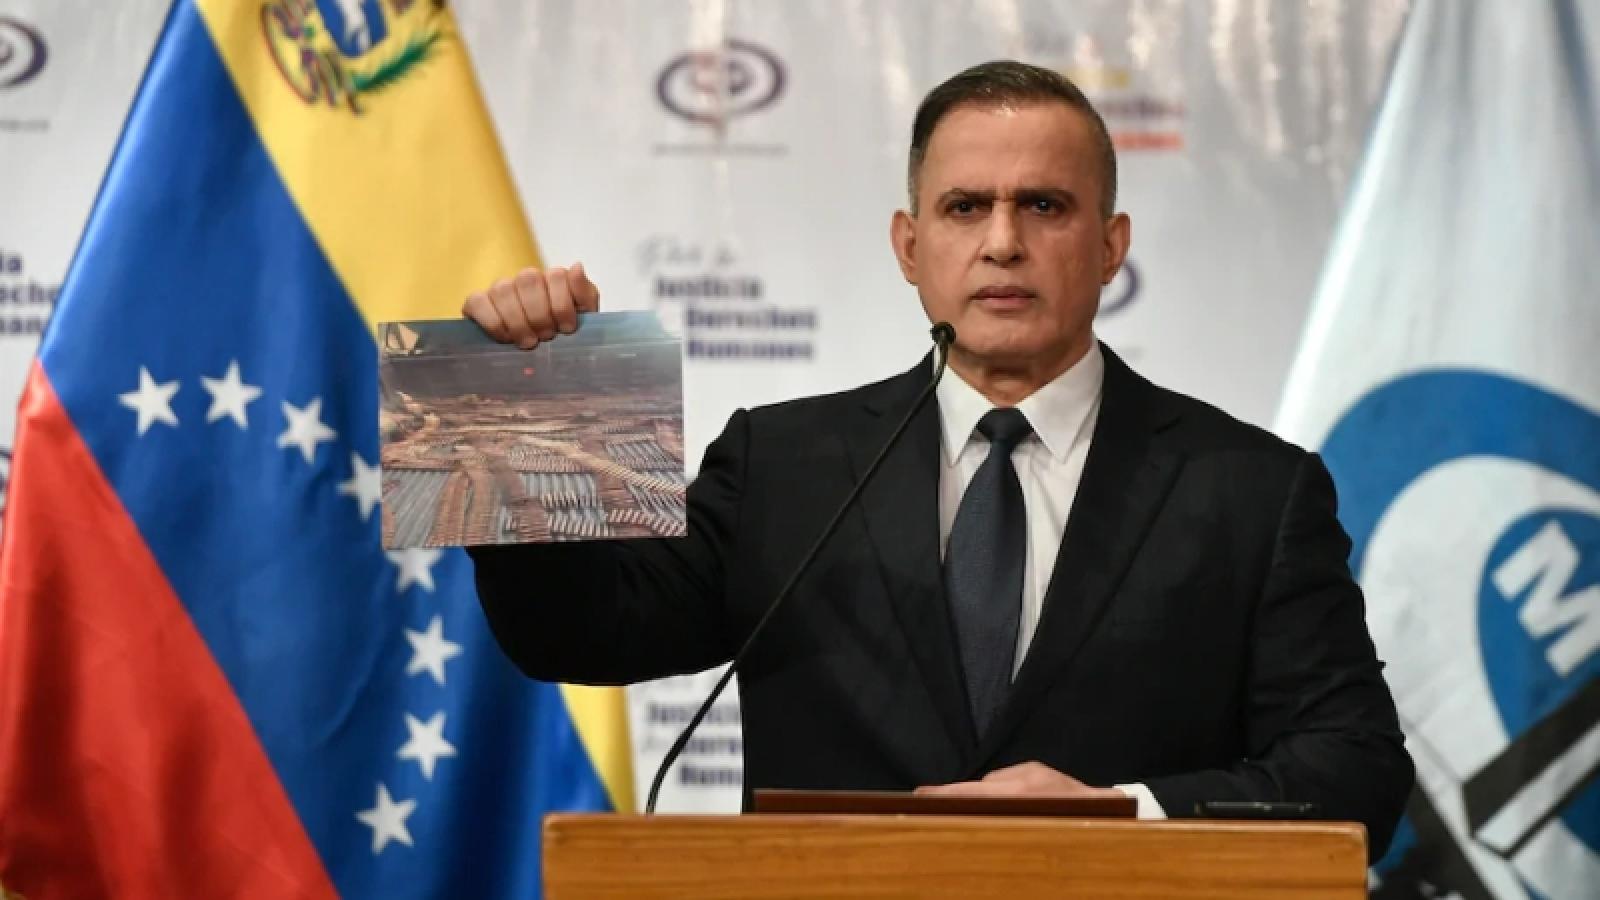 Điệp viên Mỹ bị cáo buộc tìm cách phá hoại hệ thống điện ở Venezuela